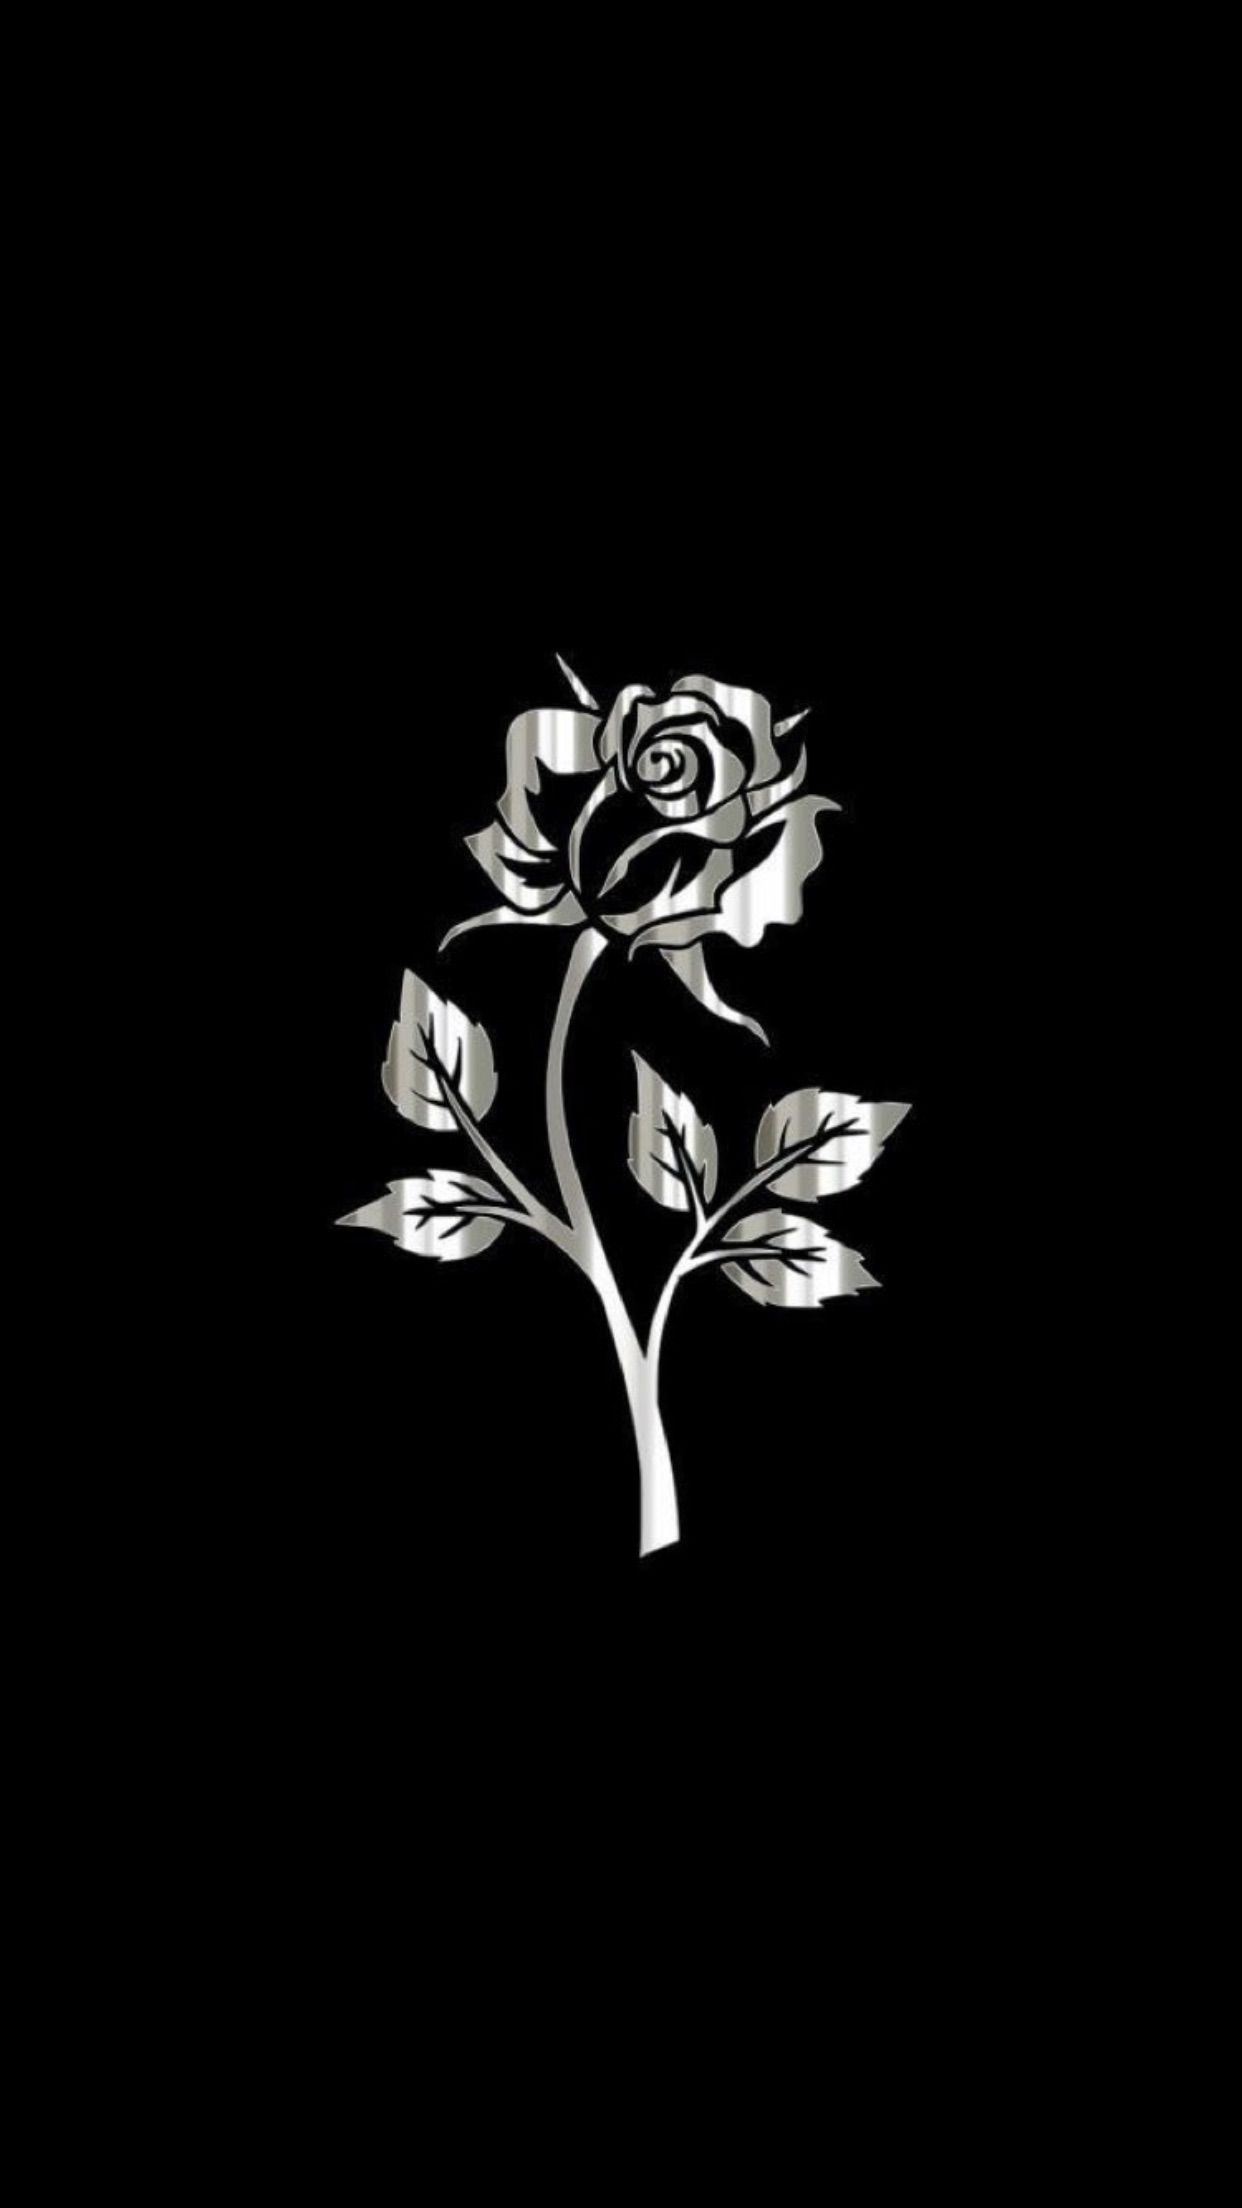 Pin By Because Im Lani On Lit Wallpapers Black And White Wallpaper Iphone Black Wallpaper Iphone Black Wallpaper